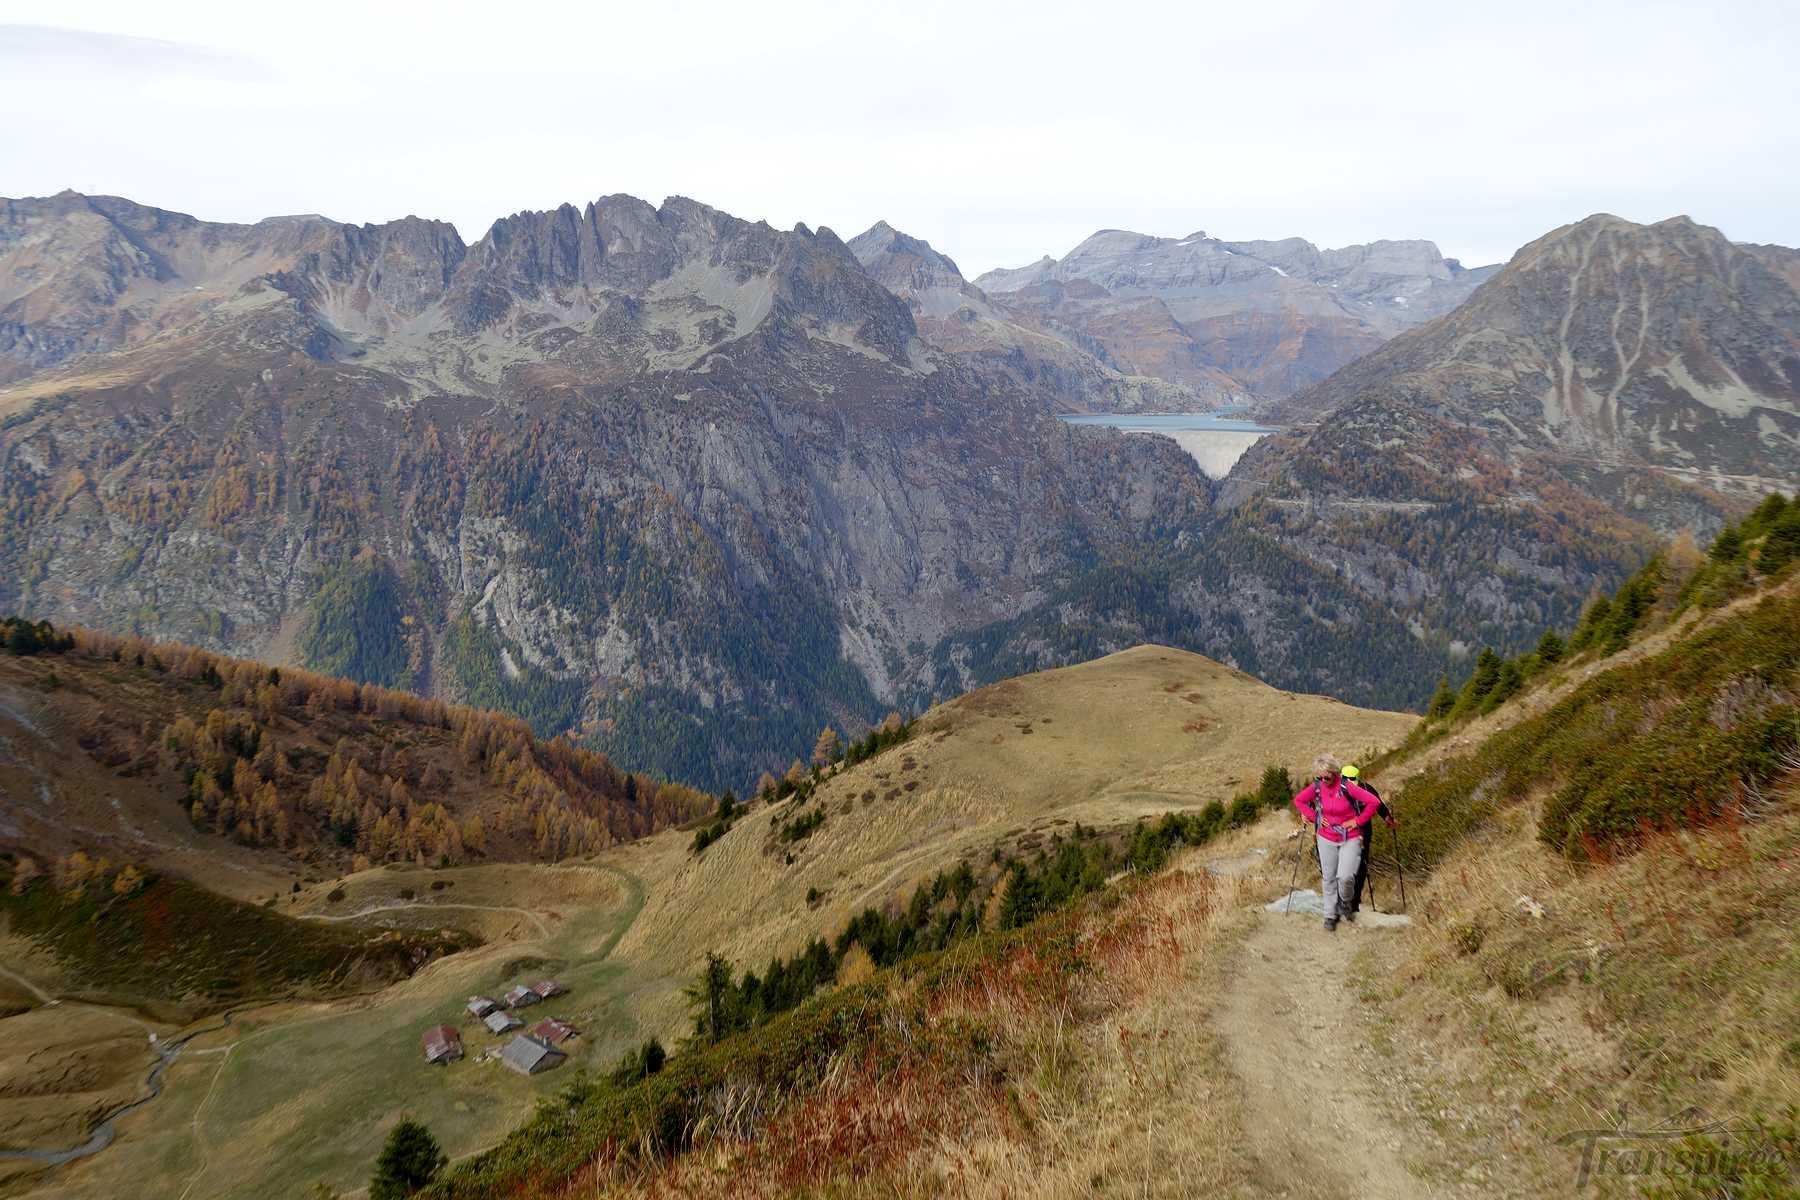 Randonnée au Col de Balme depuis Trient et le Pas des Moutons